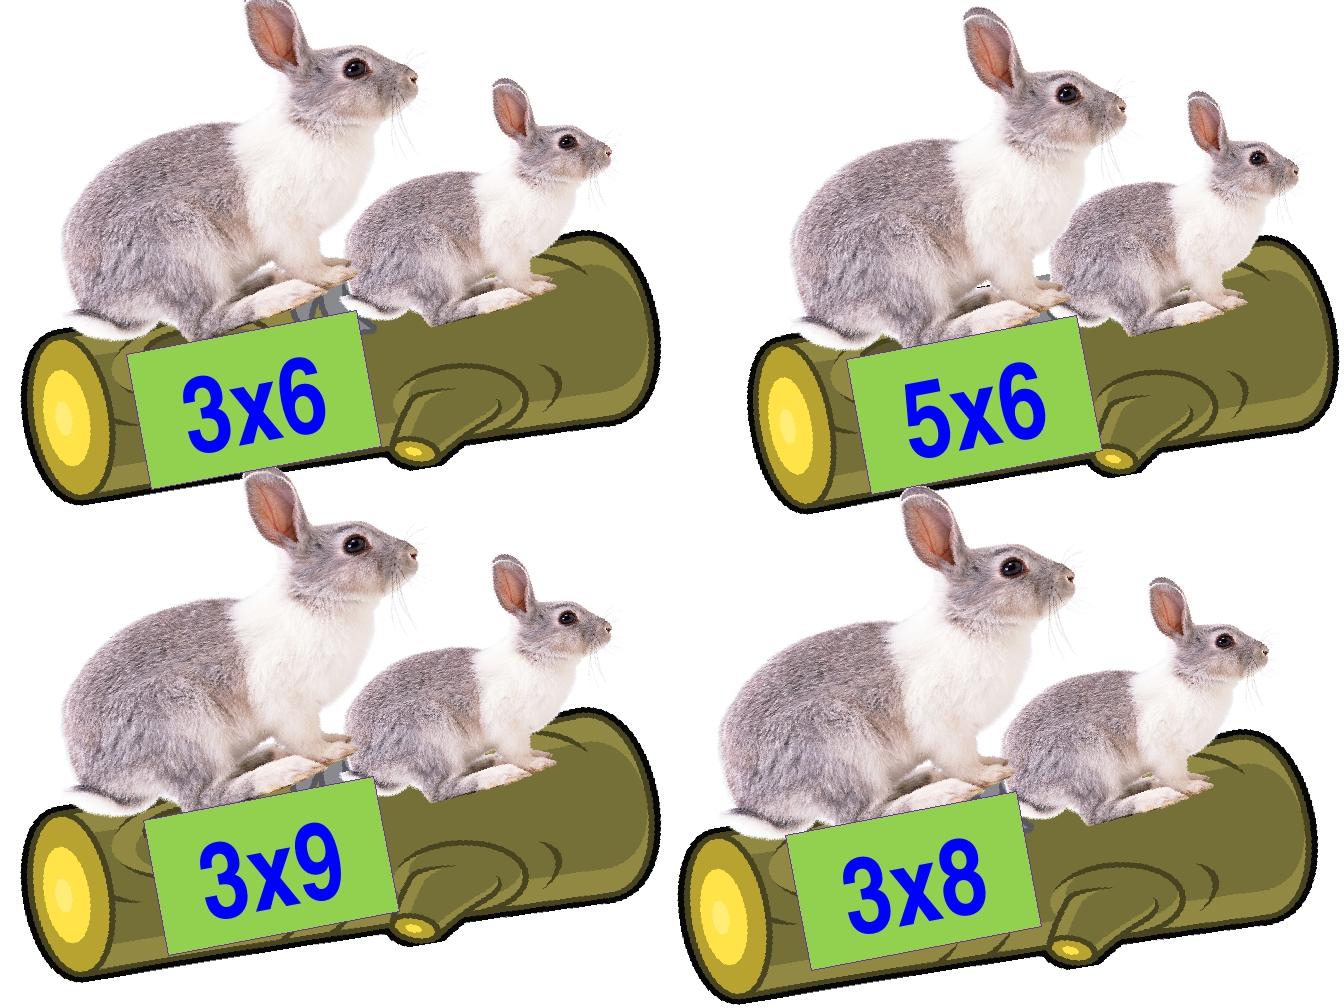 3х6 5х6 3х9 3х8